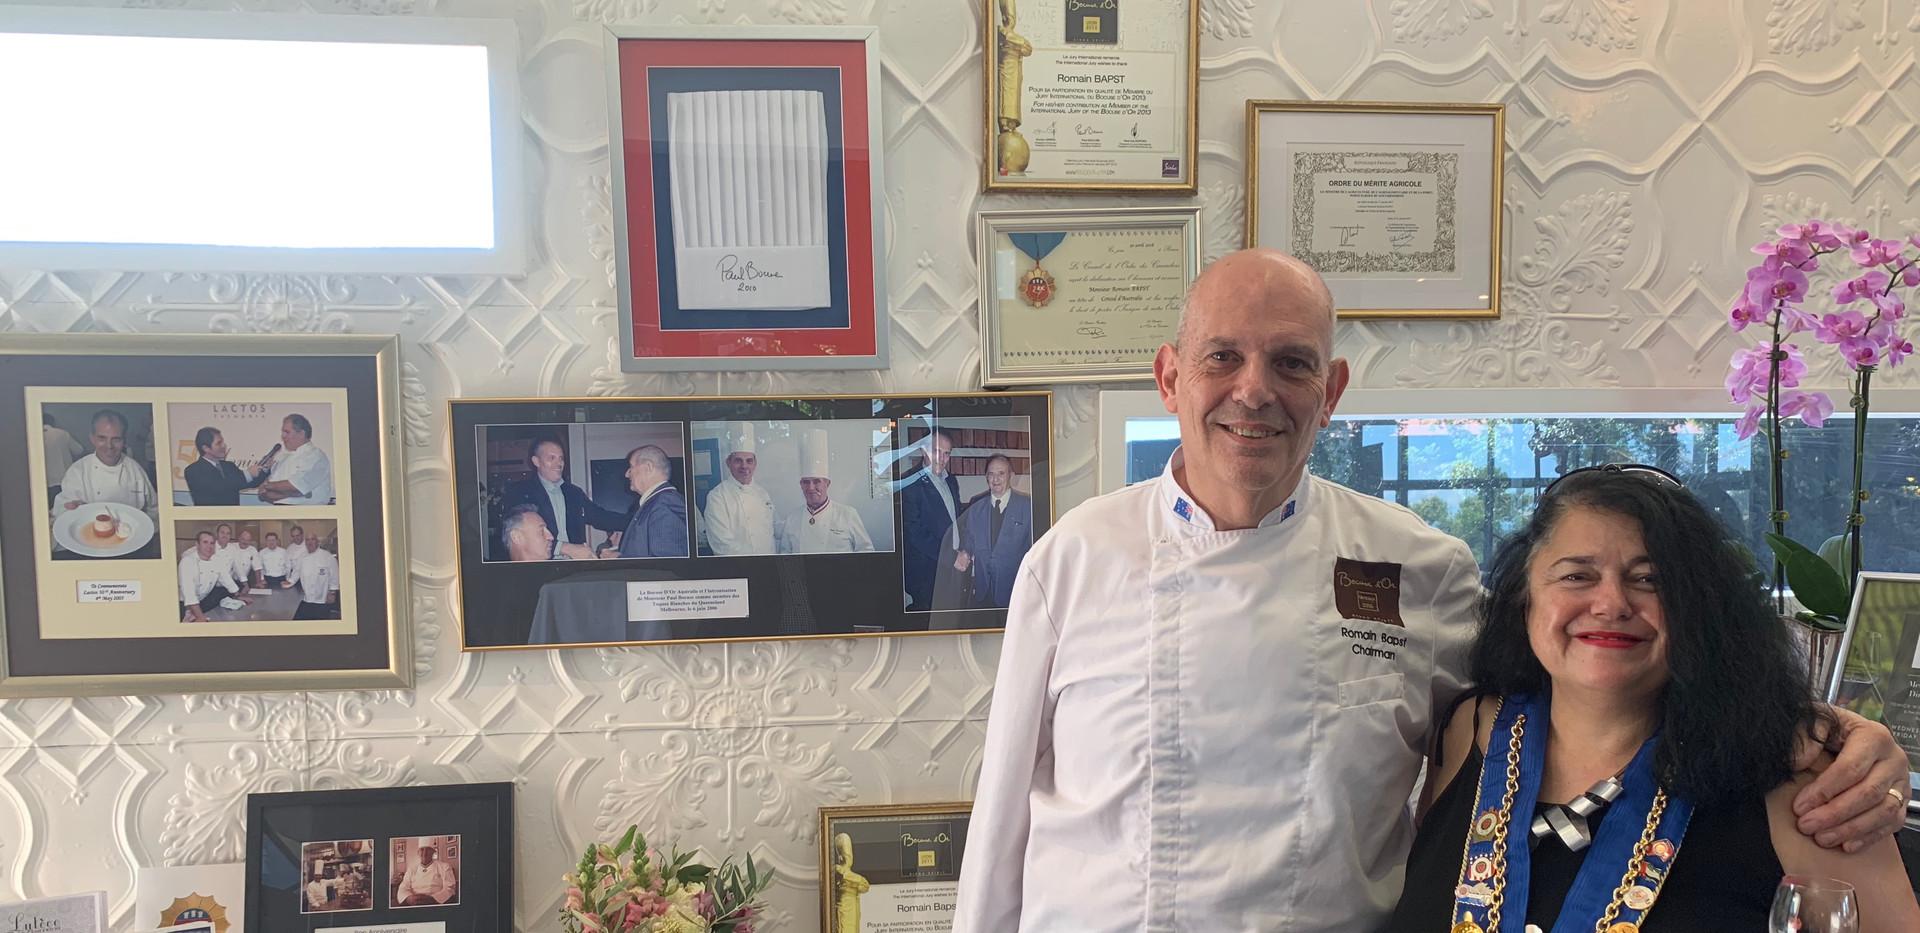 Chef_Romain_Bapst_with_Petra_Harmer-Shro